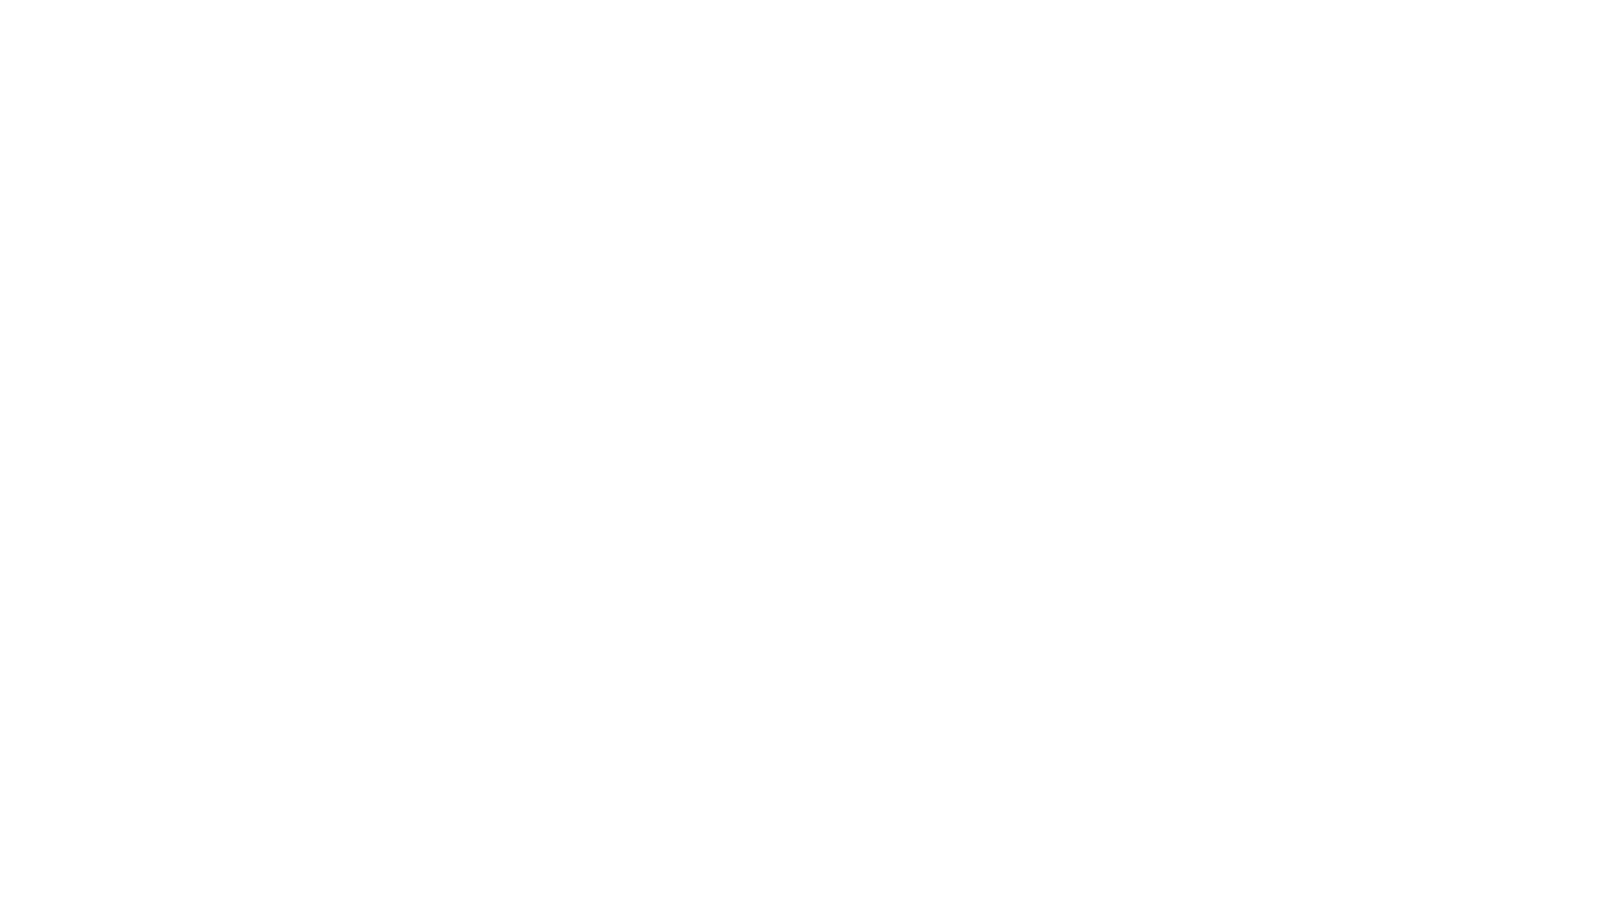 La P'tite Entrevue de Fanny fait une Belle découverte sur le boulevard des Pyrénées, une adresse incontournable ! Authentique et exotique, comme l'esprit du chef, le Shtruk vous ravira tant par la qualité des produits que par l'ambiance distillée en salle (ou en terrasse face aux Pyrénées 😊).